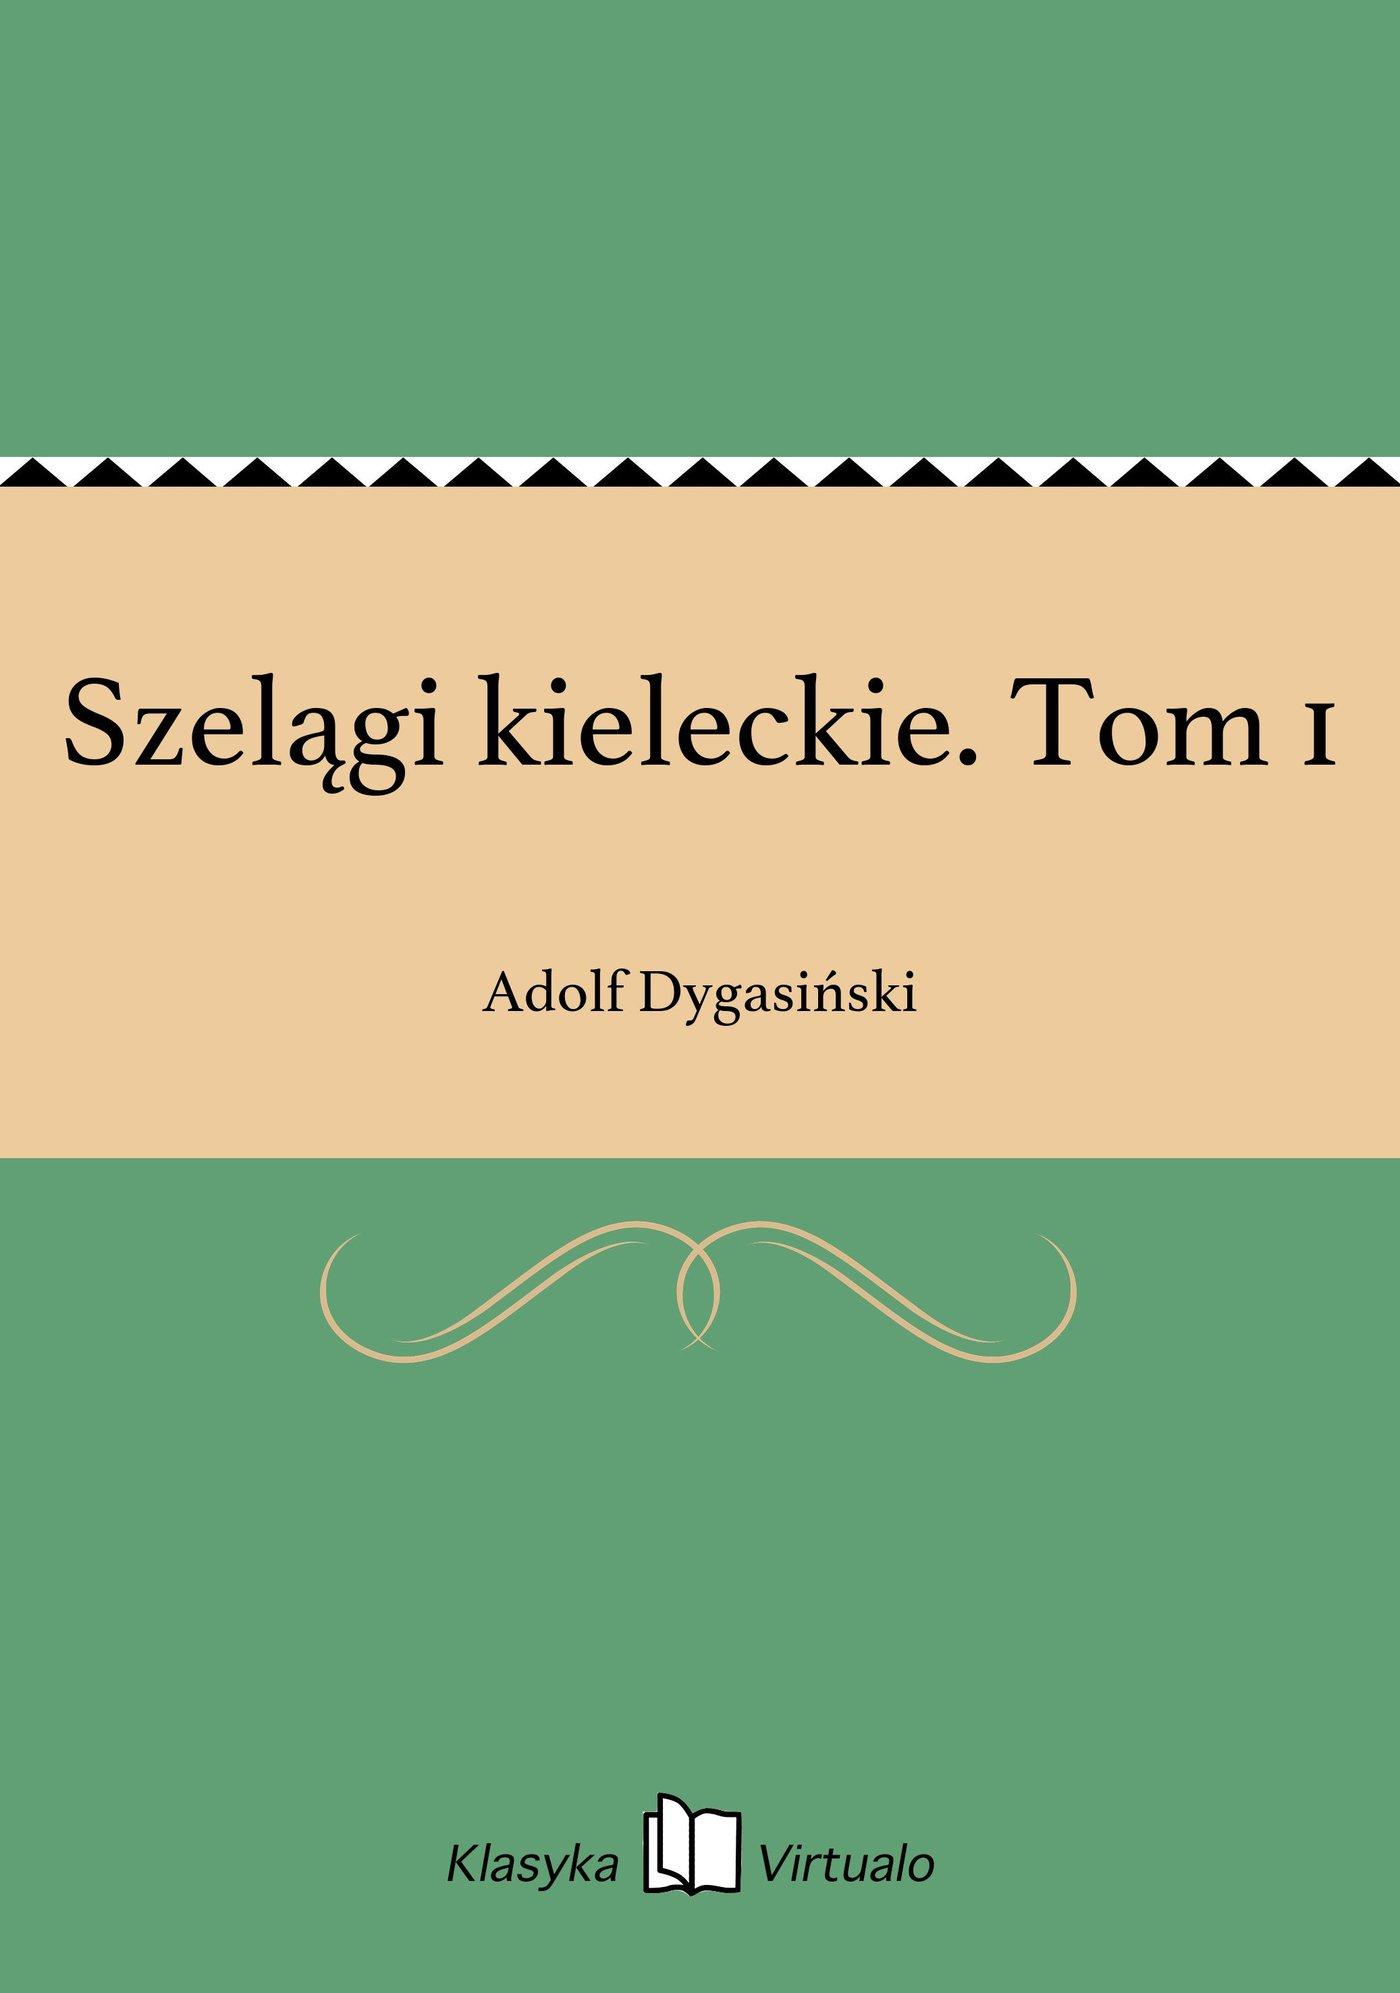 Szelągi kieleckie. Tom 1 - Ebook (Książka EPUB) do pobrania w formacie EPUB